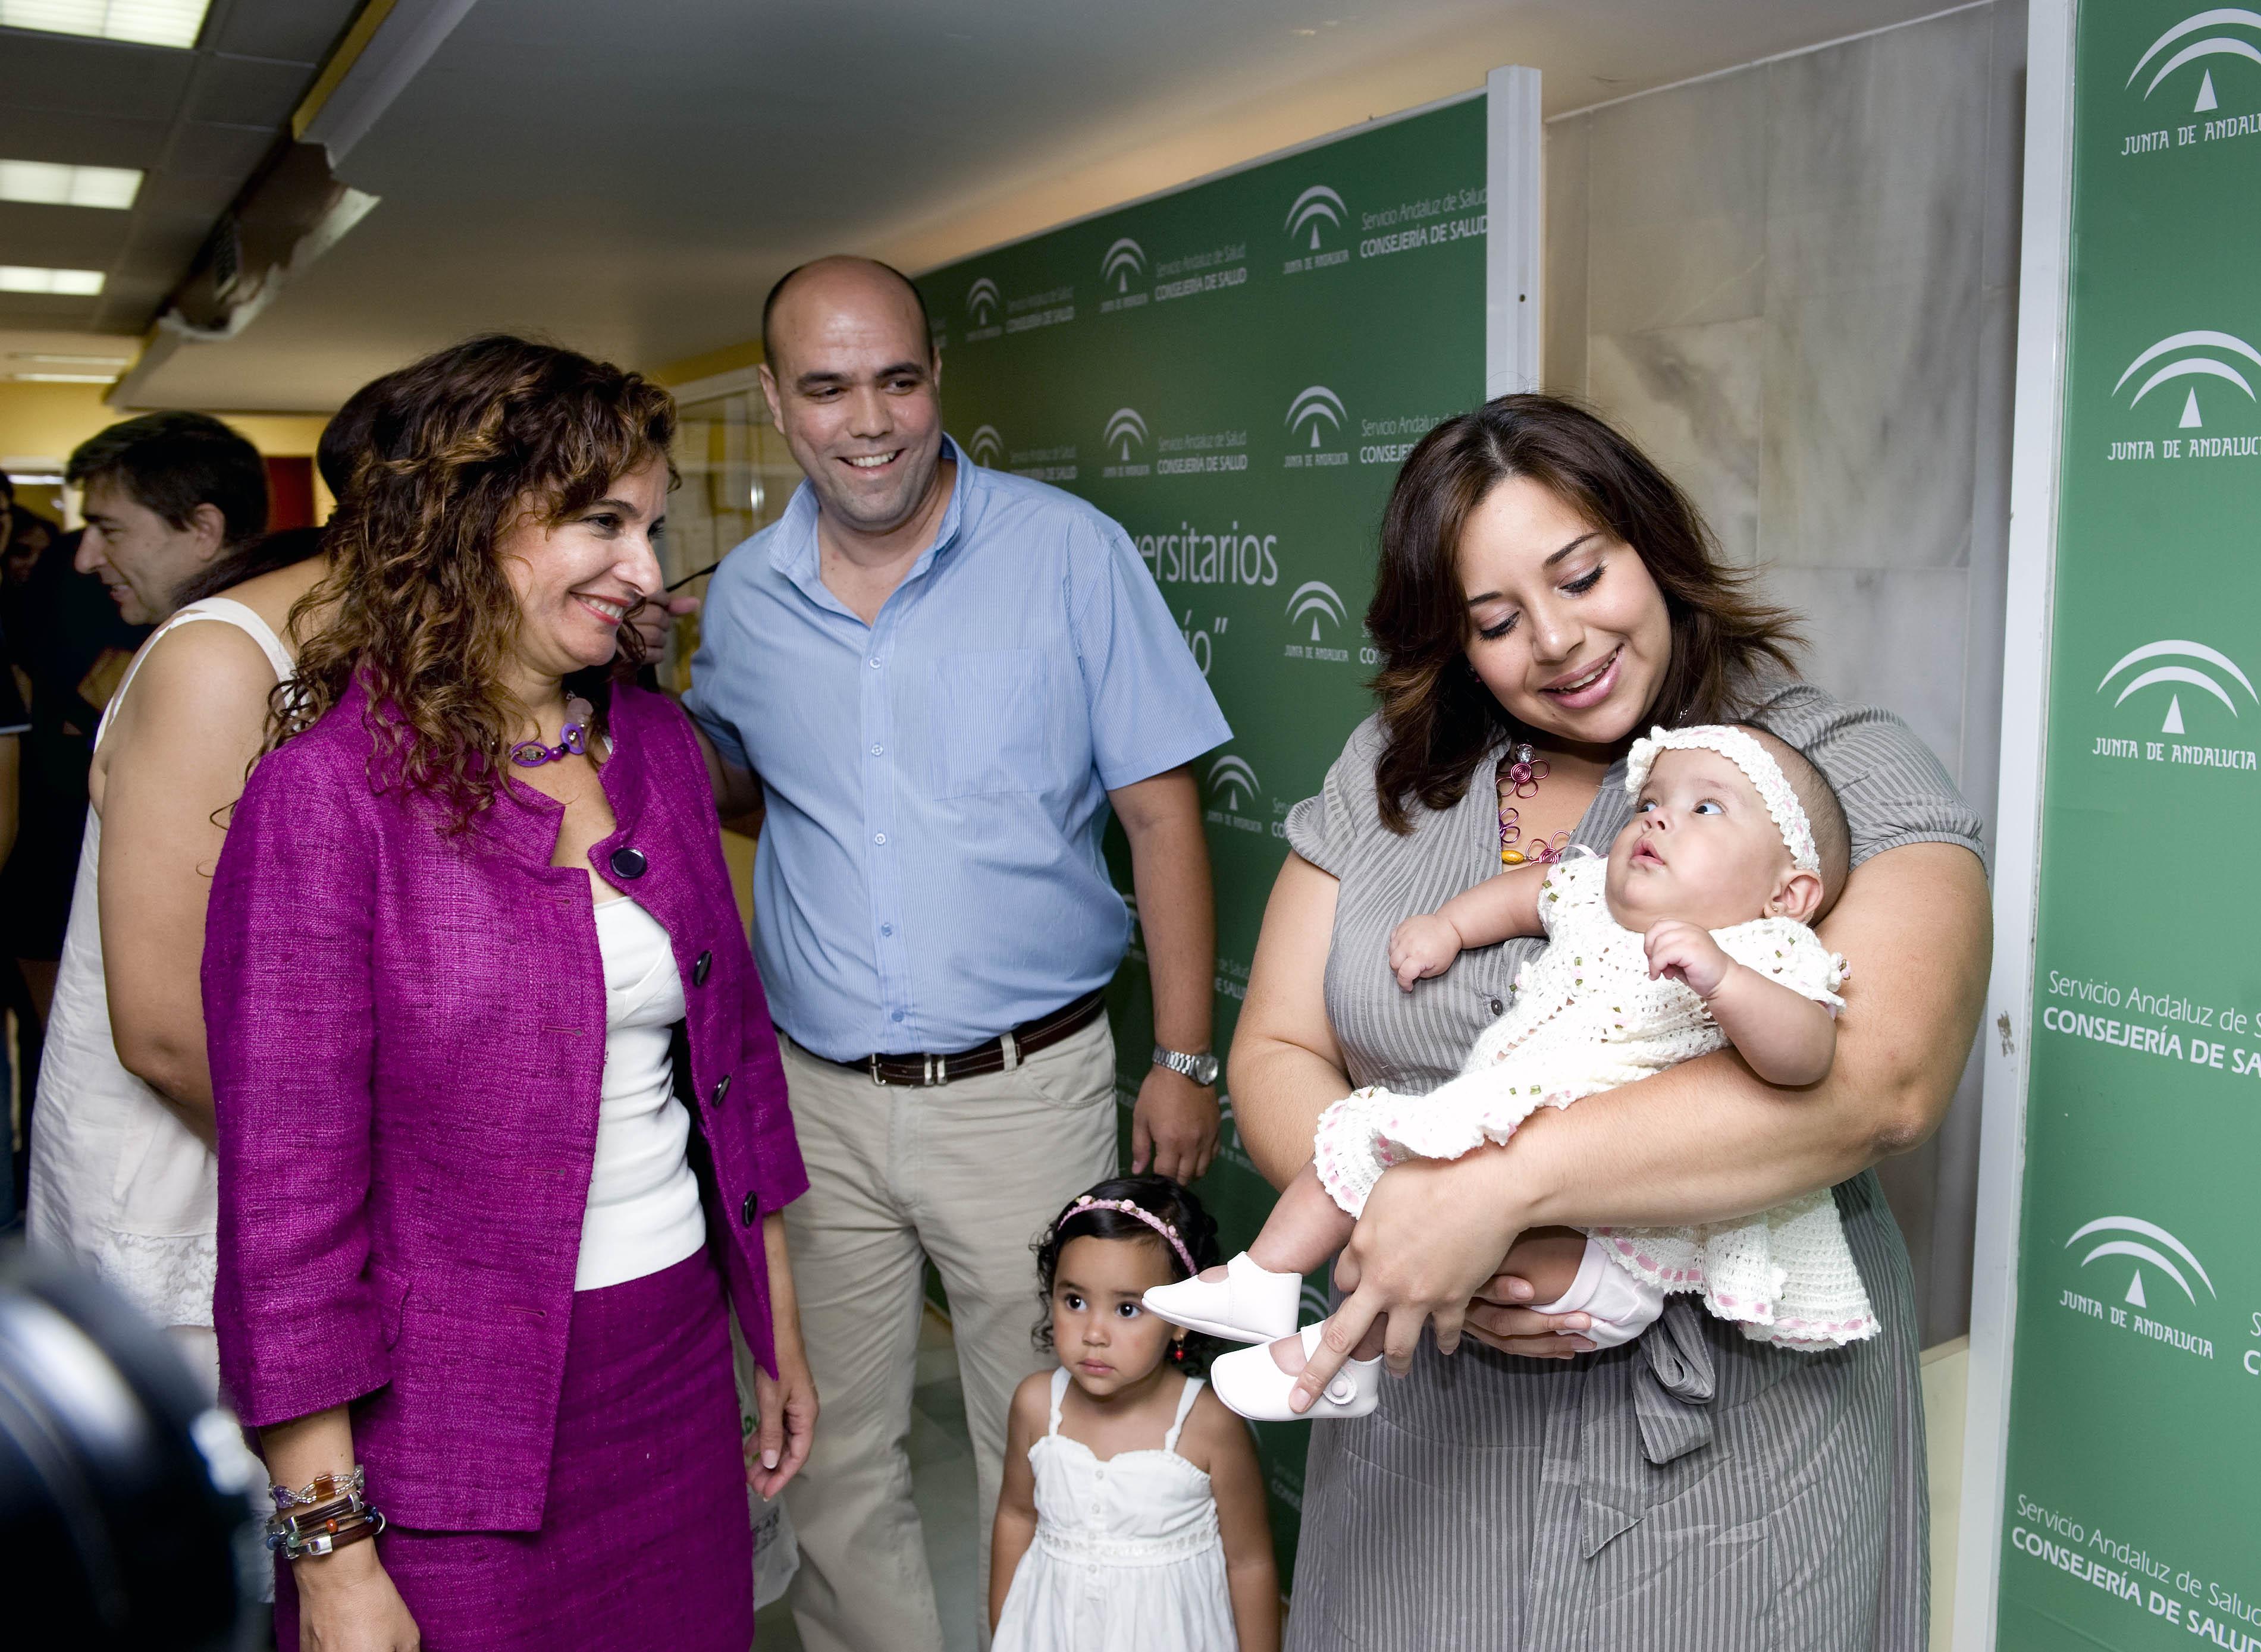 La consejera de salud, saludando a la familia de la pequeña María José